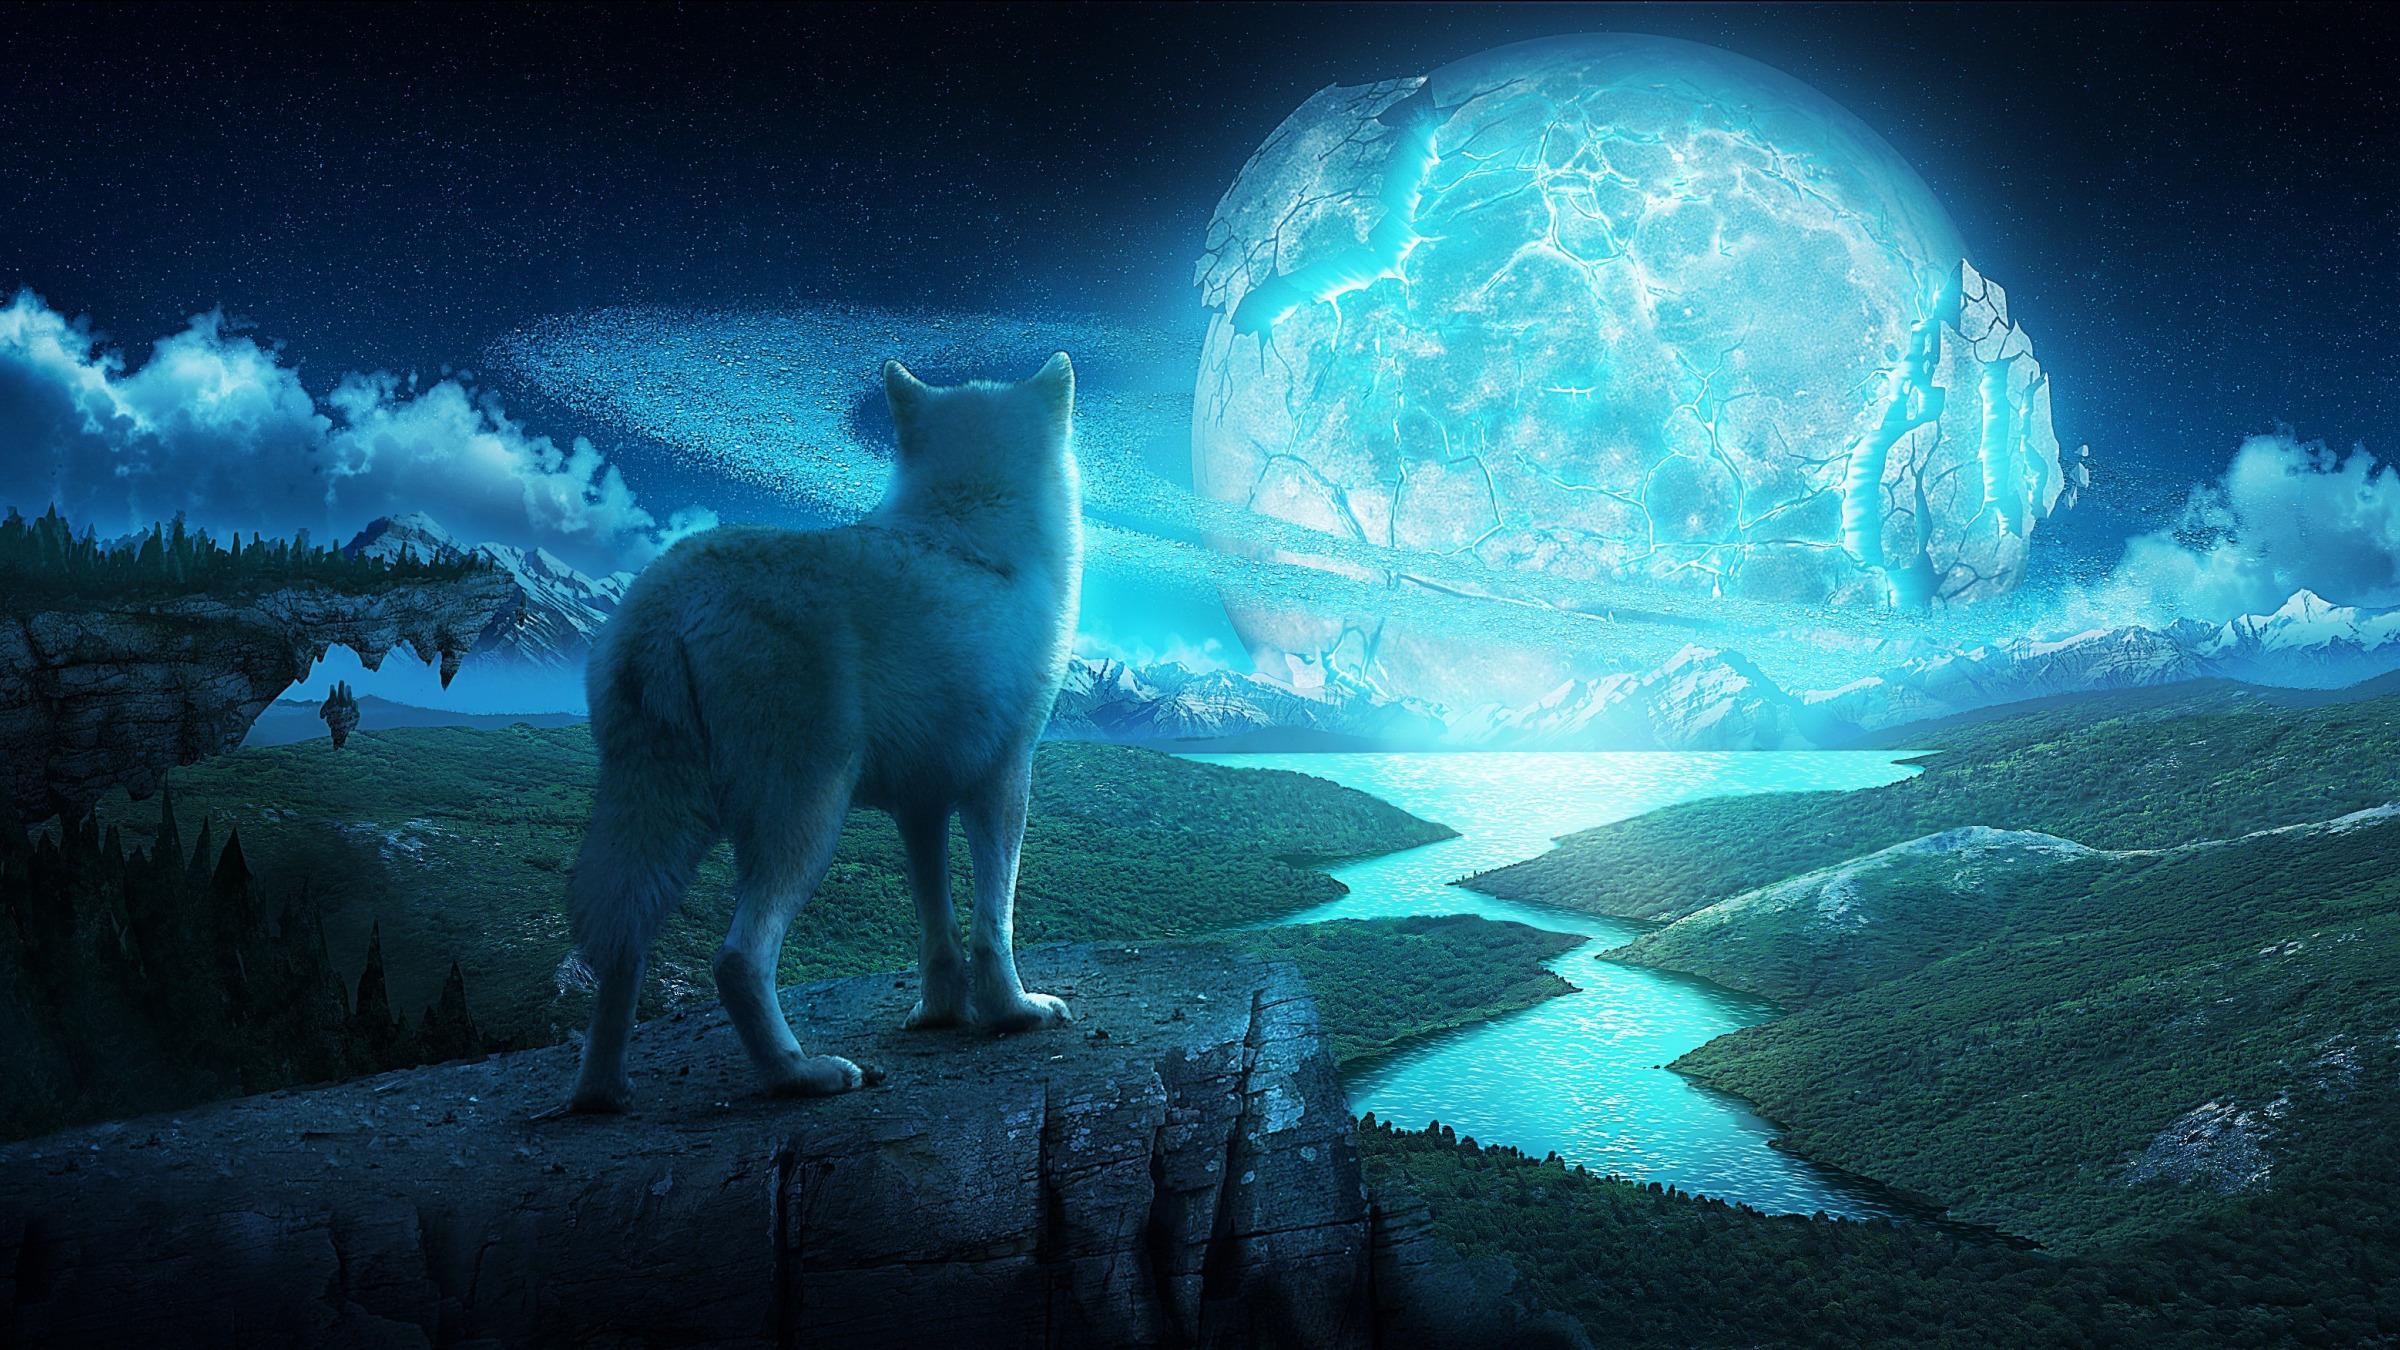 фото волка на фоне города бердске